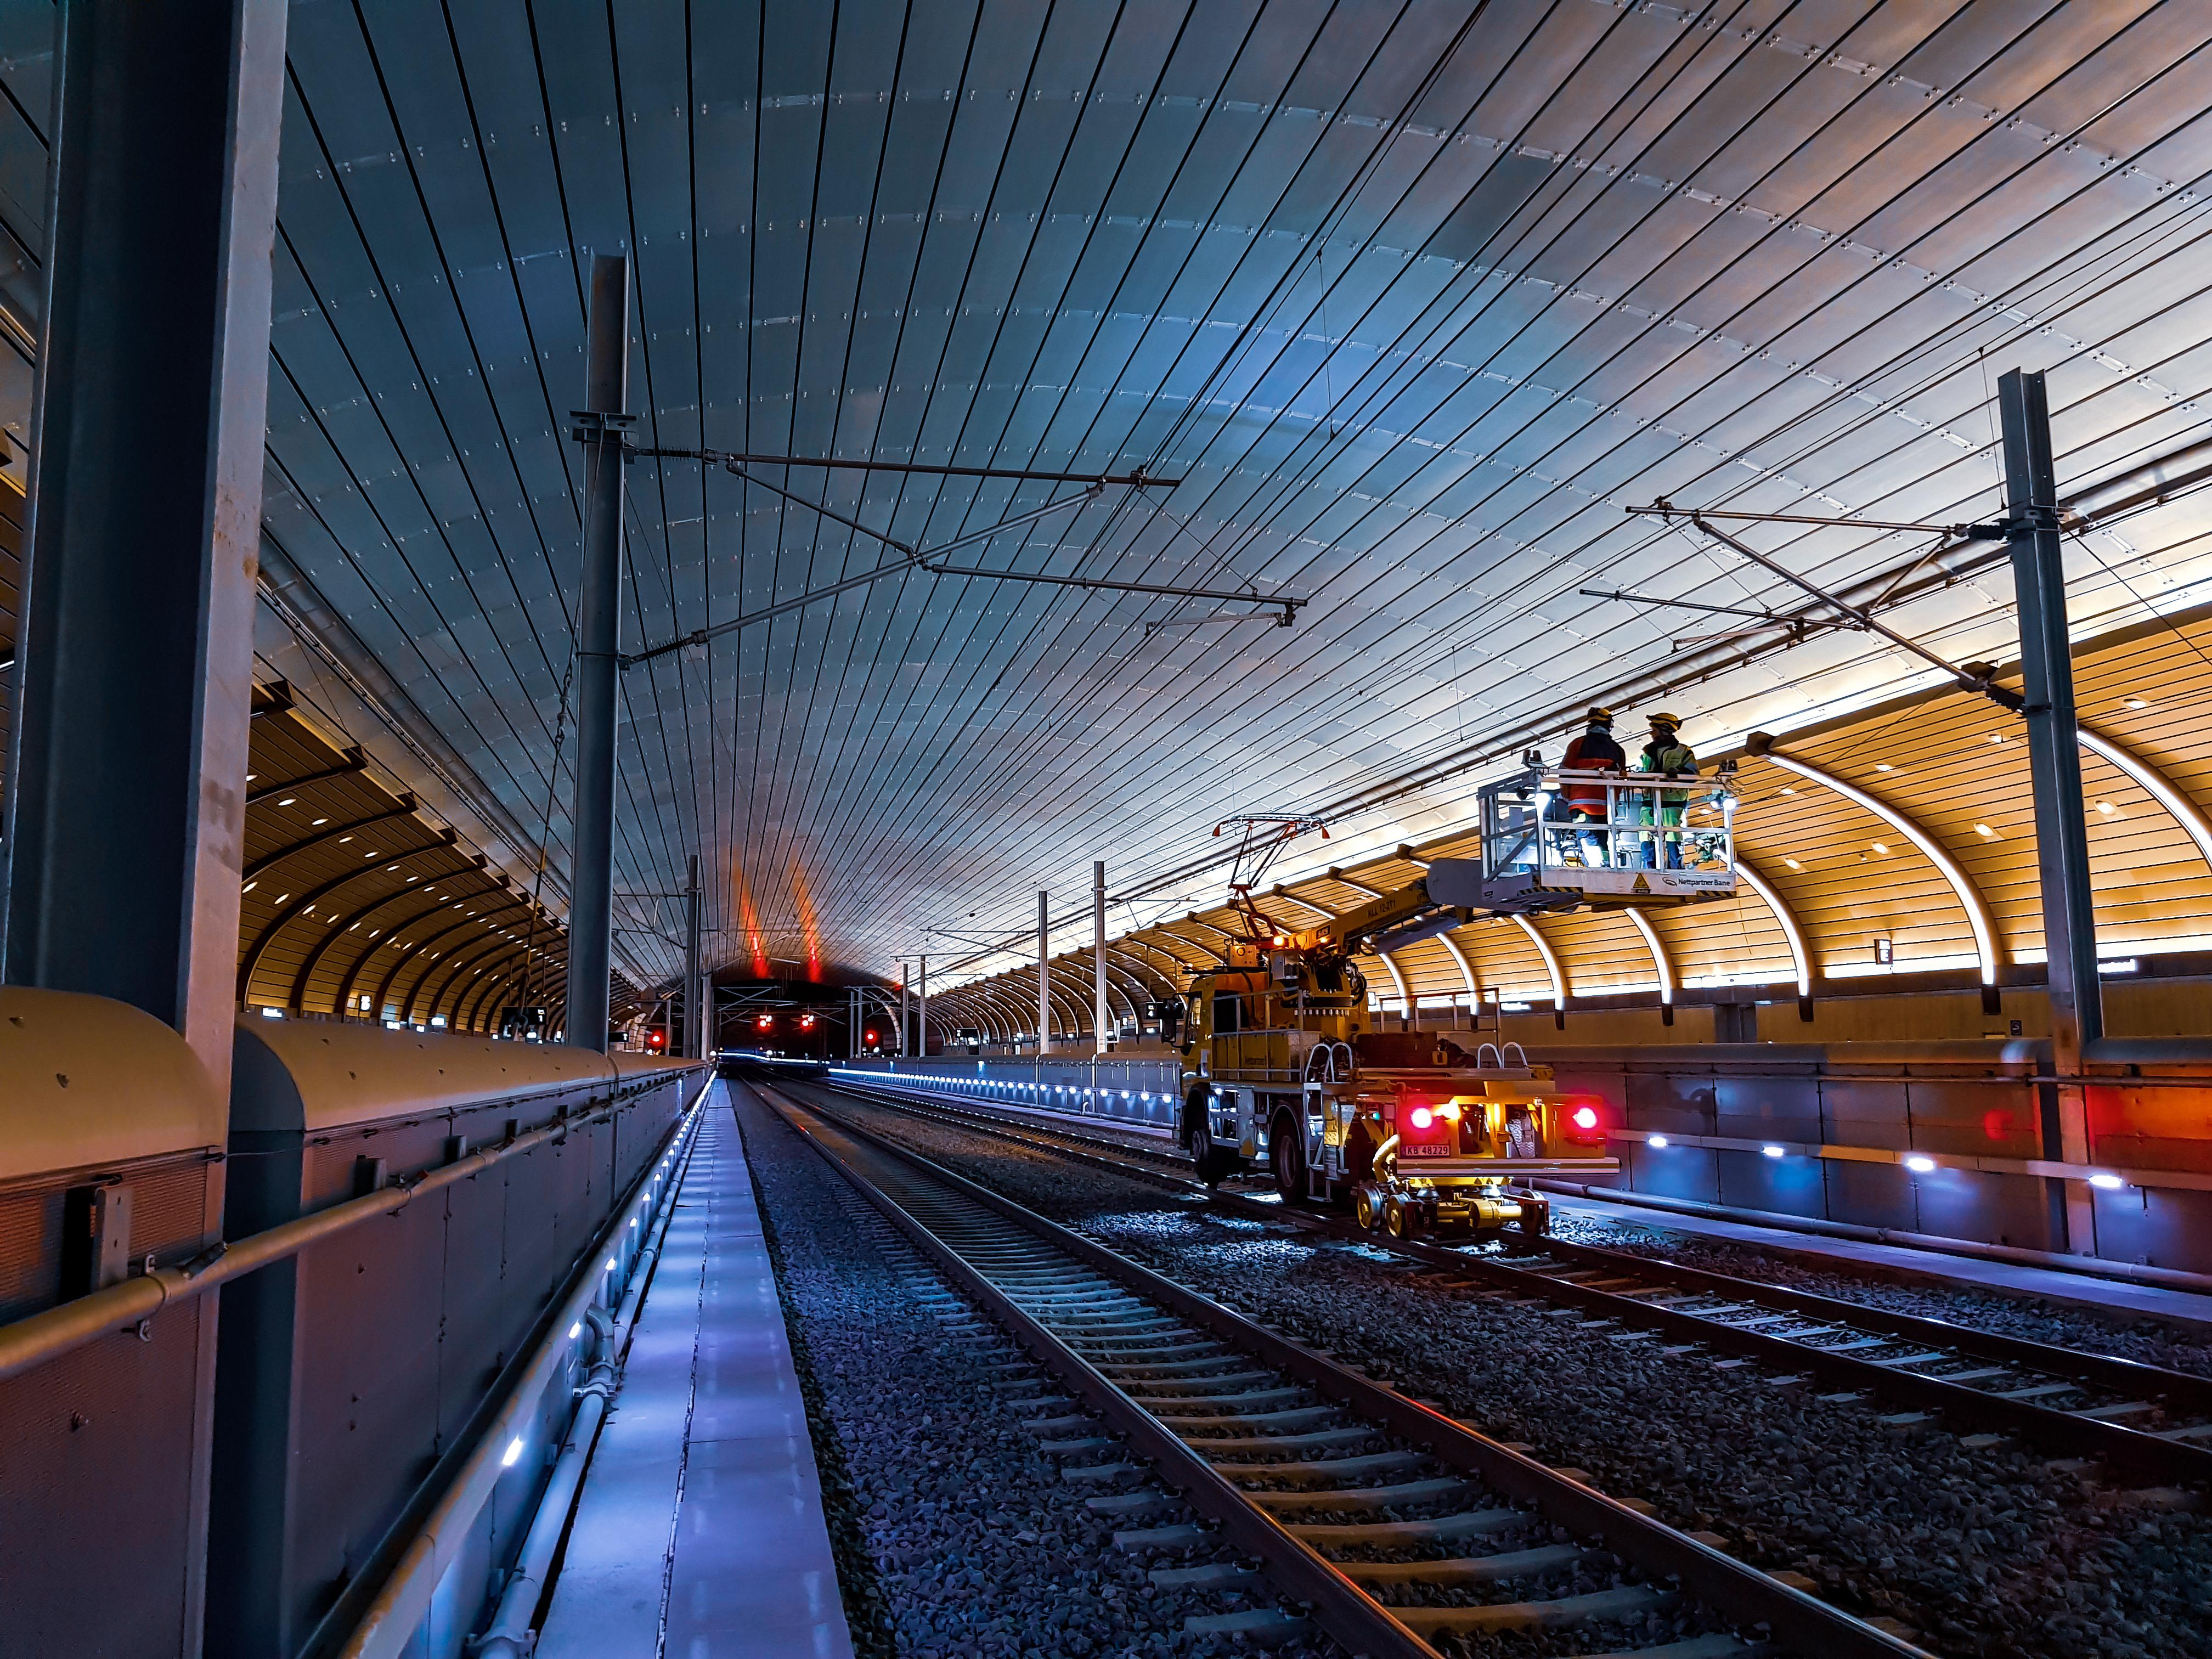 Jernbanesikkerhet-Jernbanevakt-As